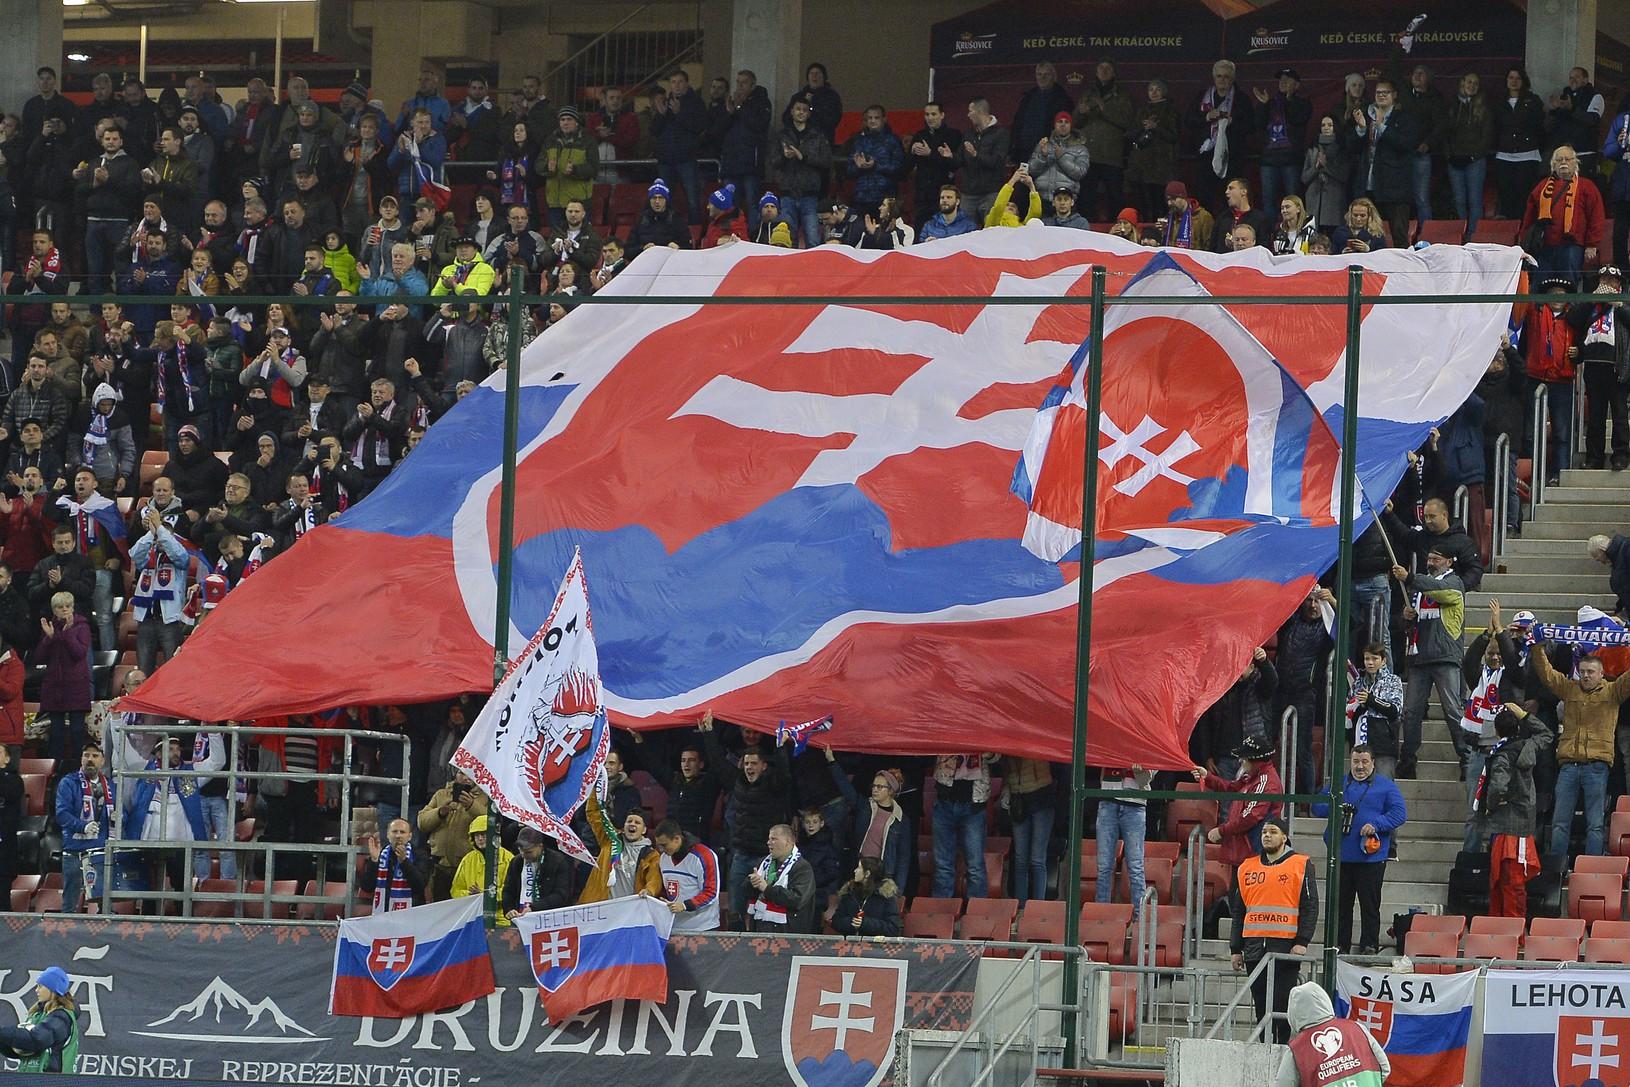 Slovenskí fanúšikovia počas zápasu